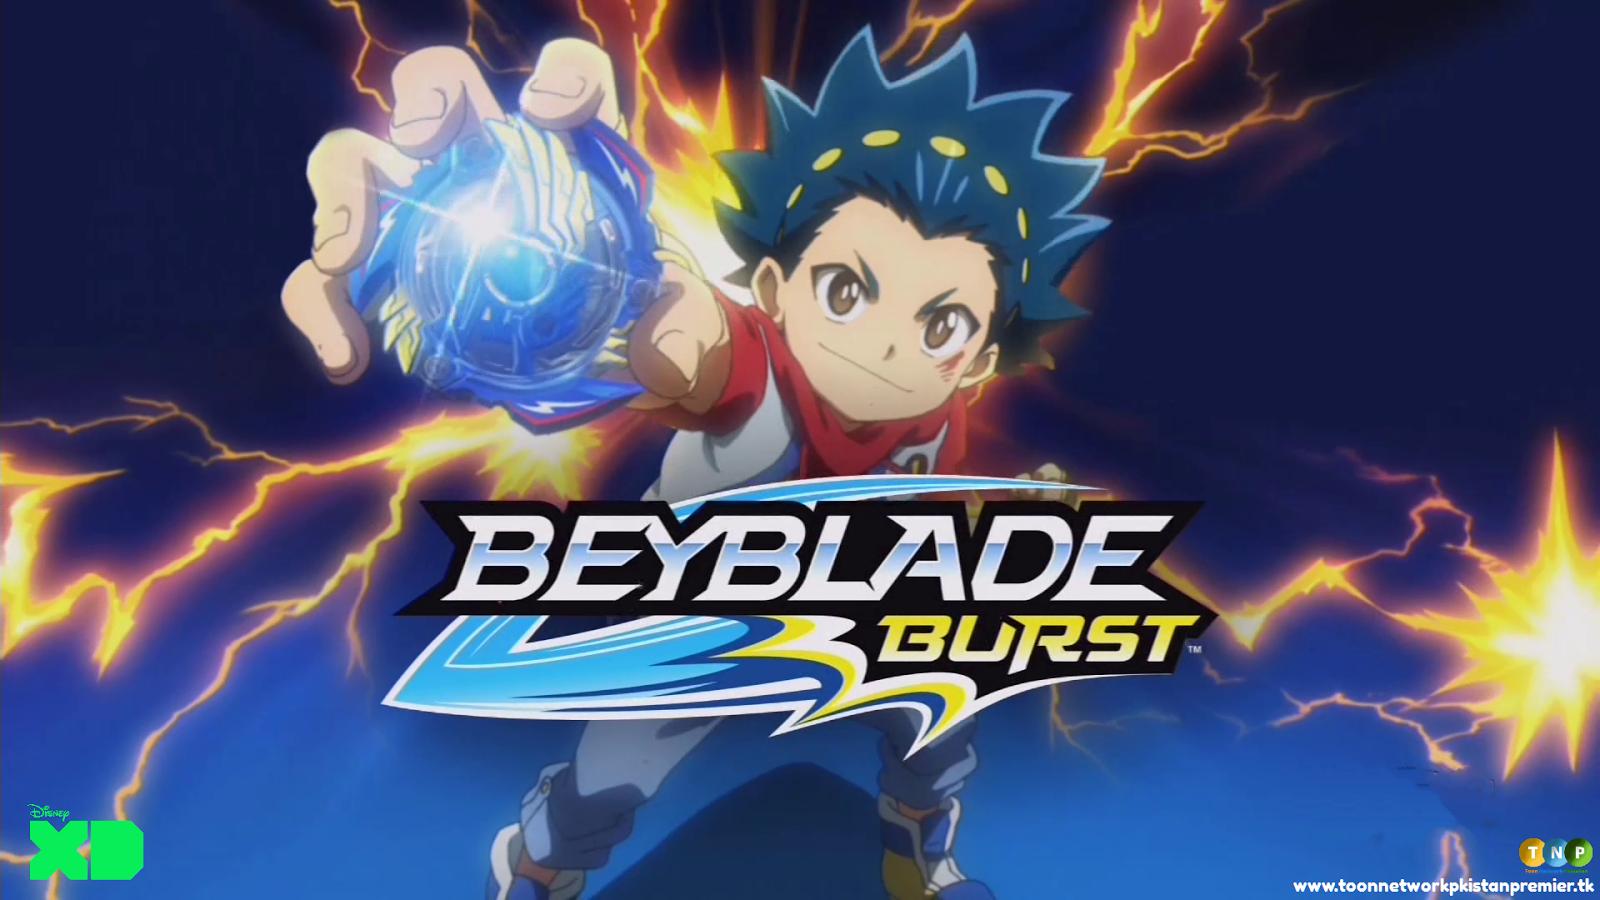 Beyblade Burst  Episodes in 720p HD